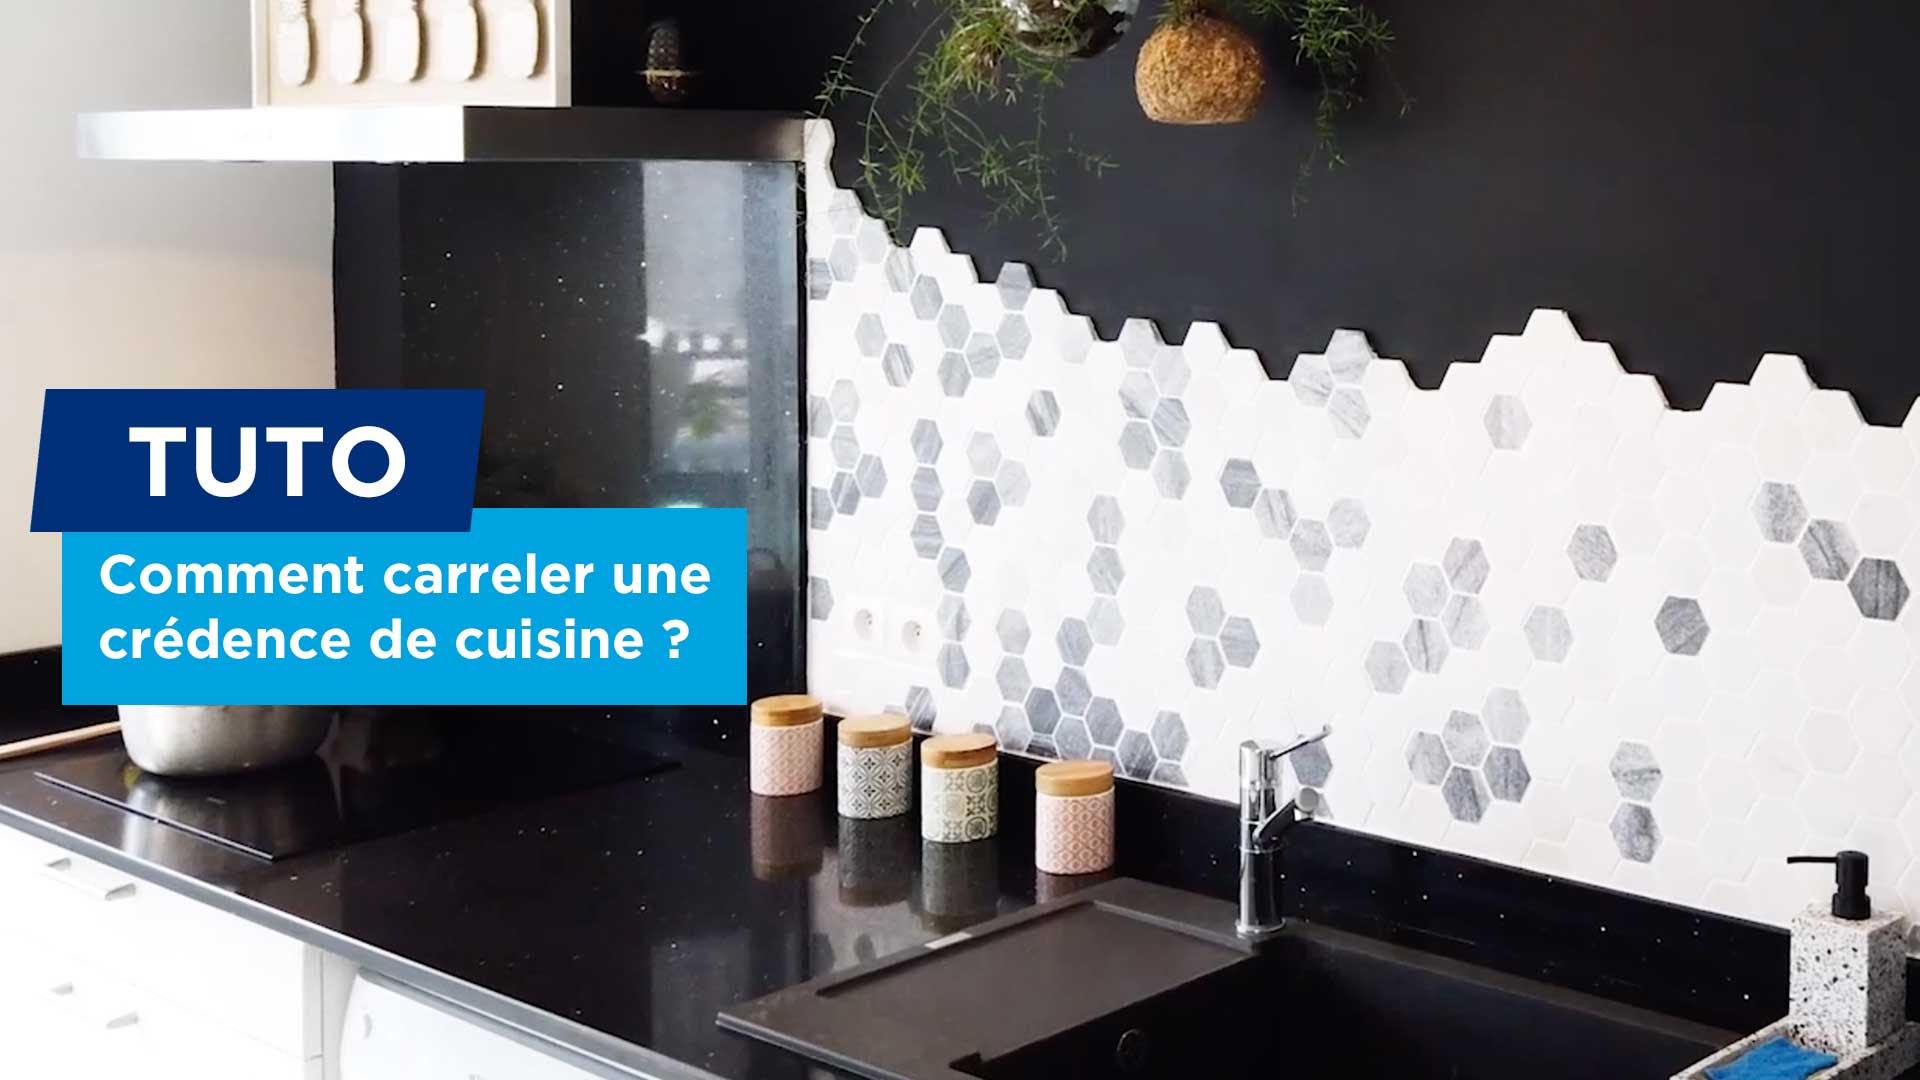 Comment carreler une cr dence de cuisine - Comment poser une credence de cuisine ...